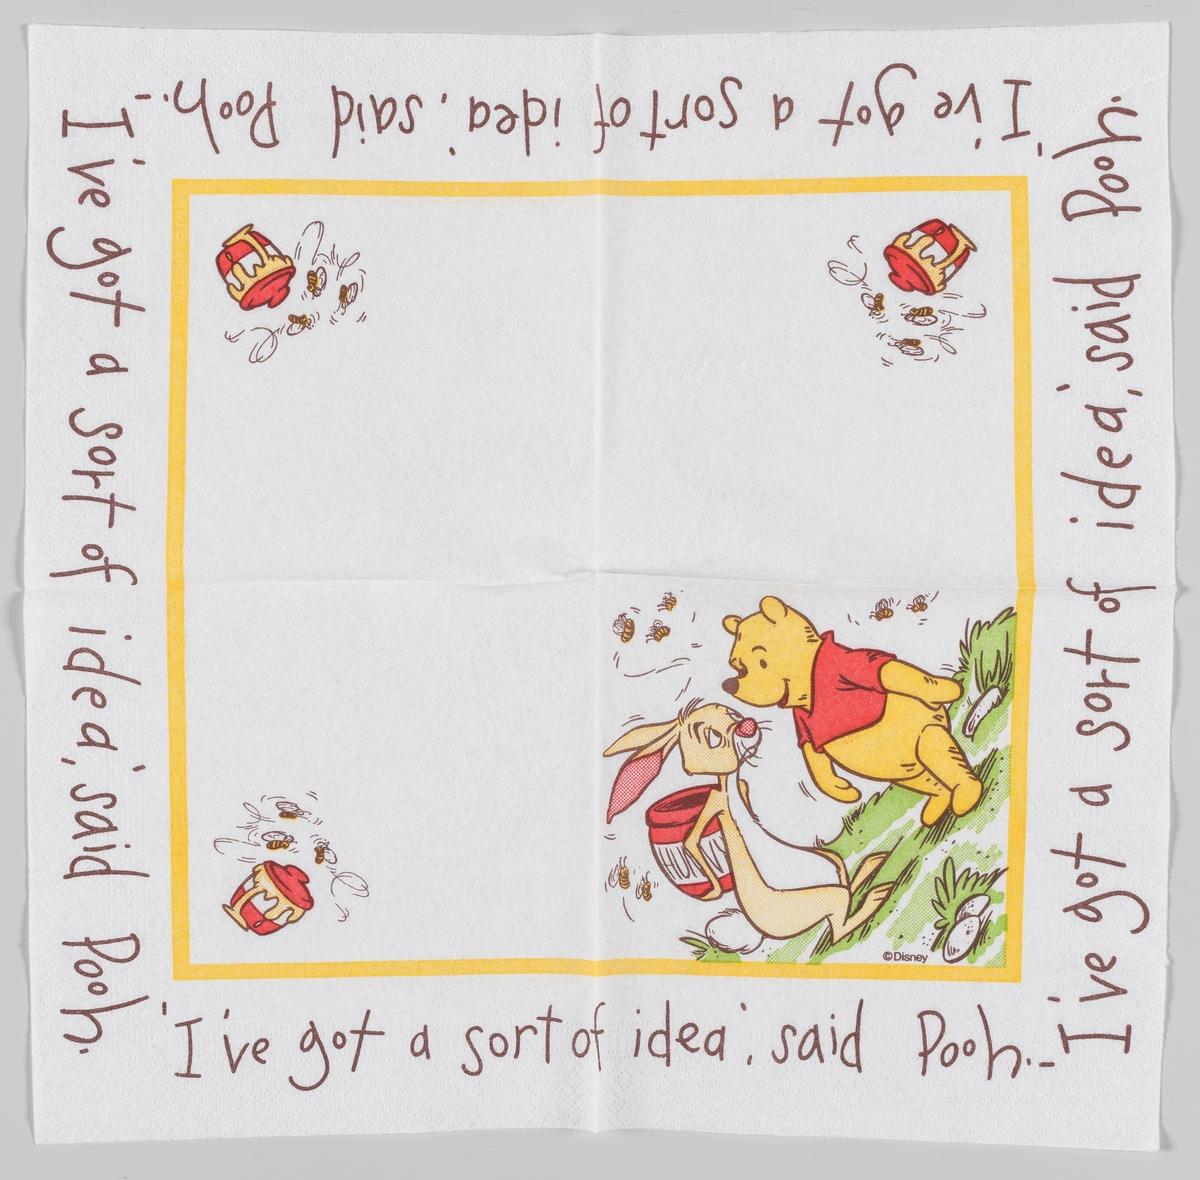 Ole Brumm og Petter Sprett som står med en honningkrukke bak ryggen mens biene svermer rundt dem.  Ole Brumm (Winnie the Pooh) er en figur fra en barnebok som utkom i 1926 av den engelske forfatteren A.A. Milne. Illustratøren E.H. Shepard tegnet figurene.